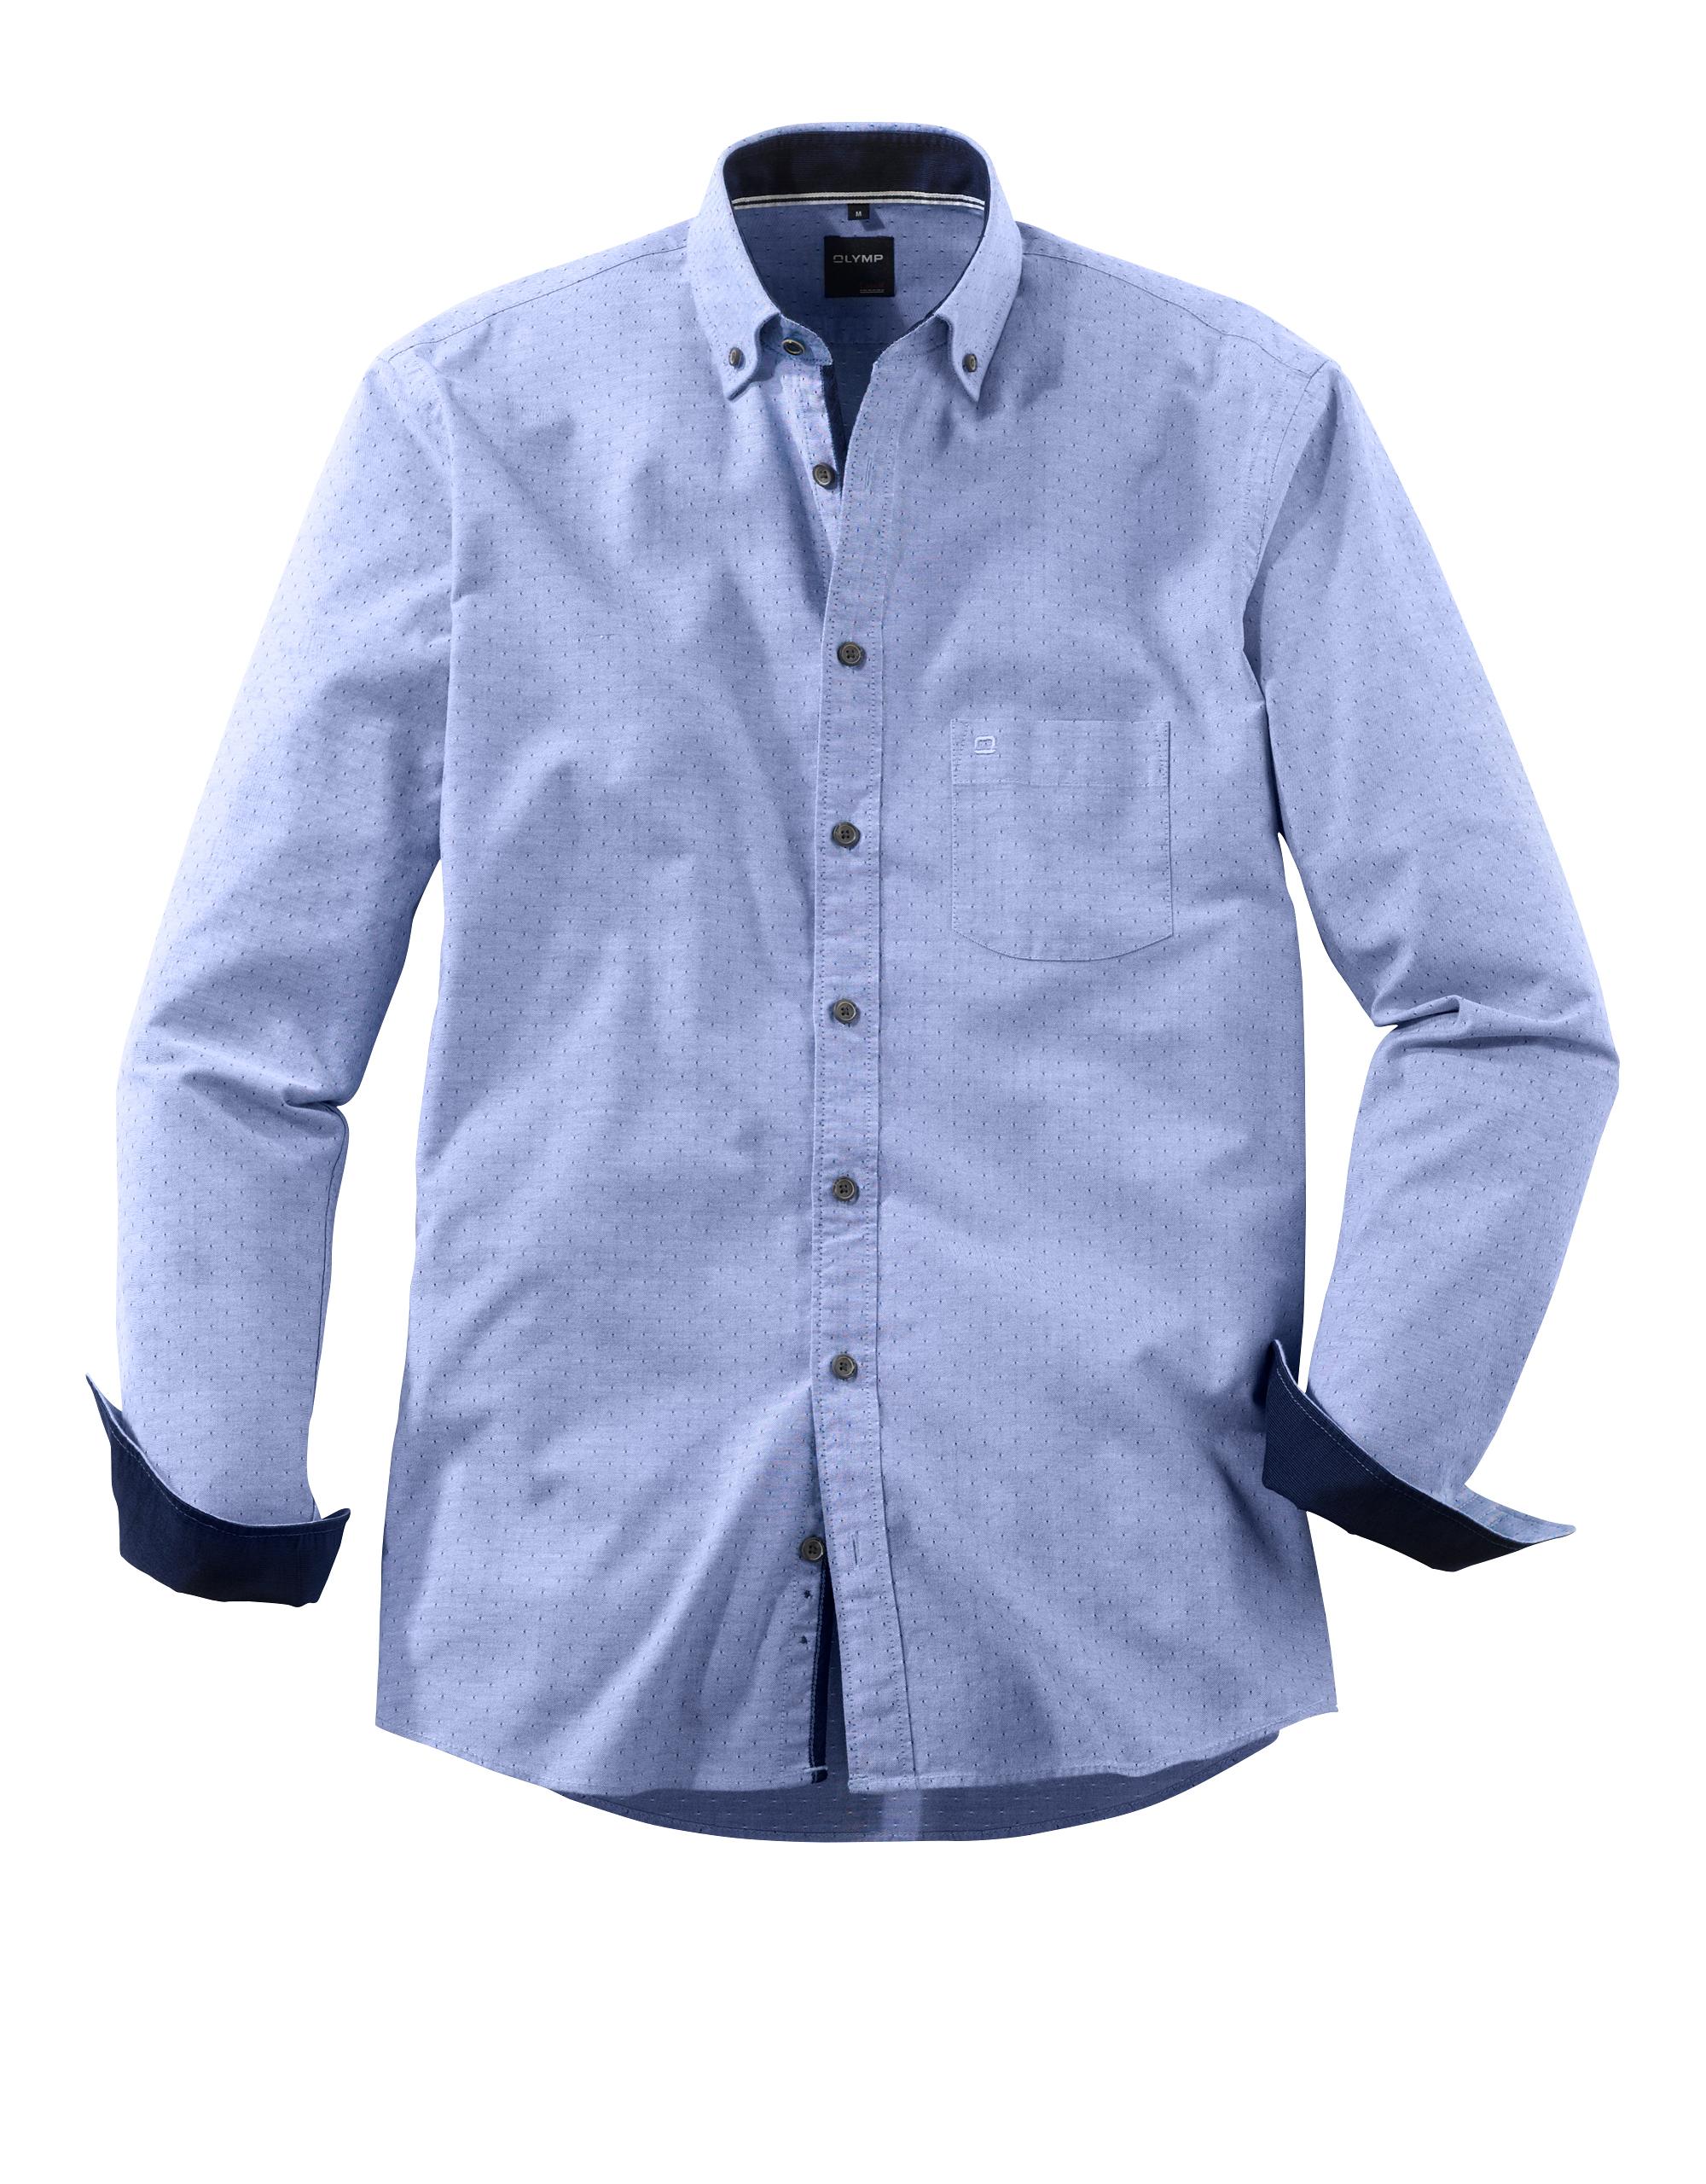 OLYMP Casual Hemd, modern fit, Button-down, Marine, XXL | Bekleidung > Hemden > Sonstige Hemden | Marine | 100% baumwolle | OLYMP Casual